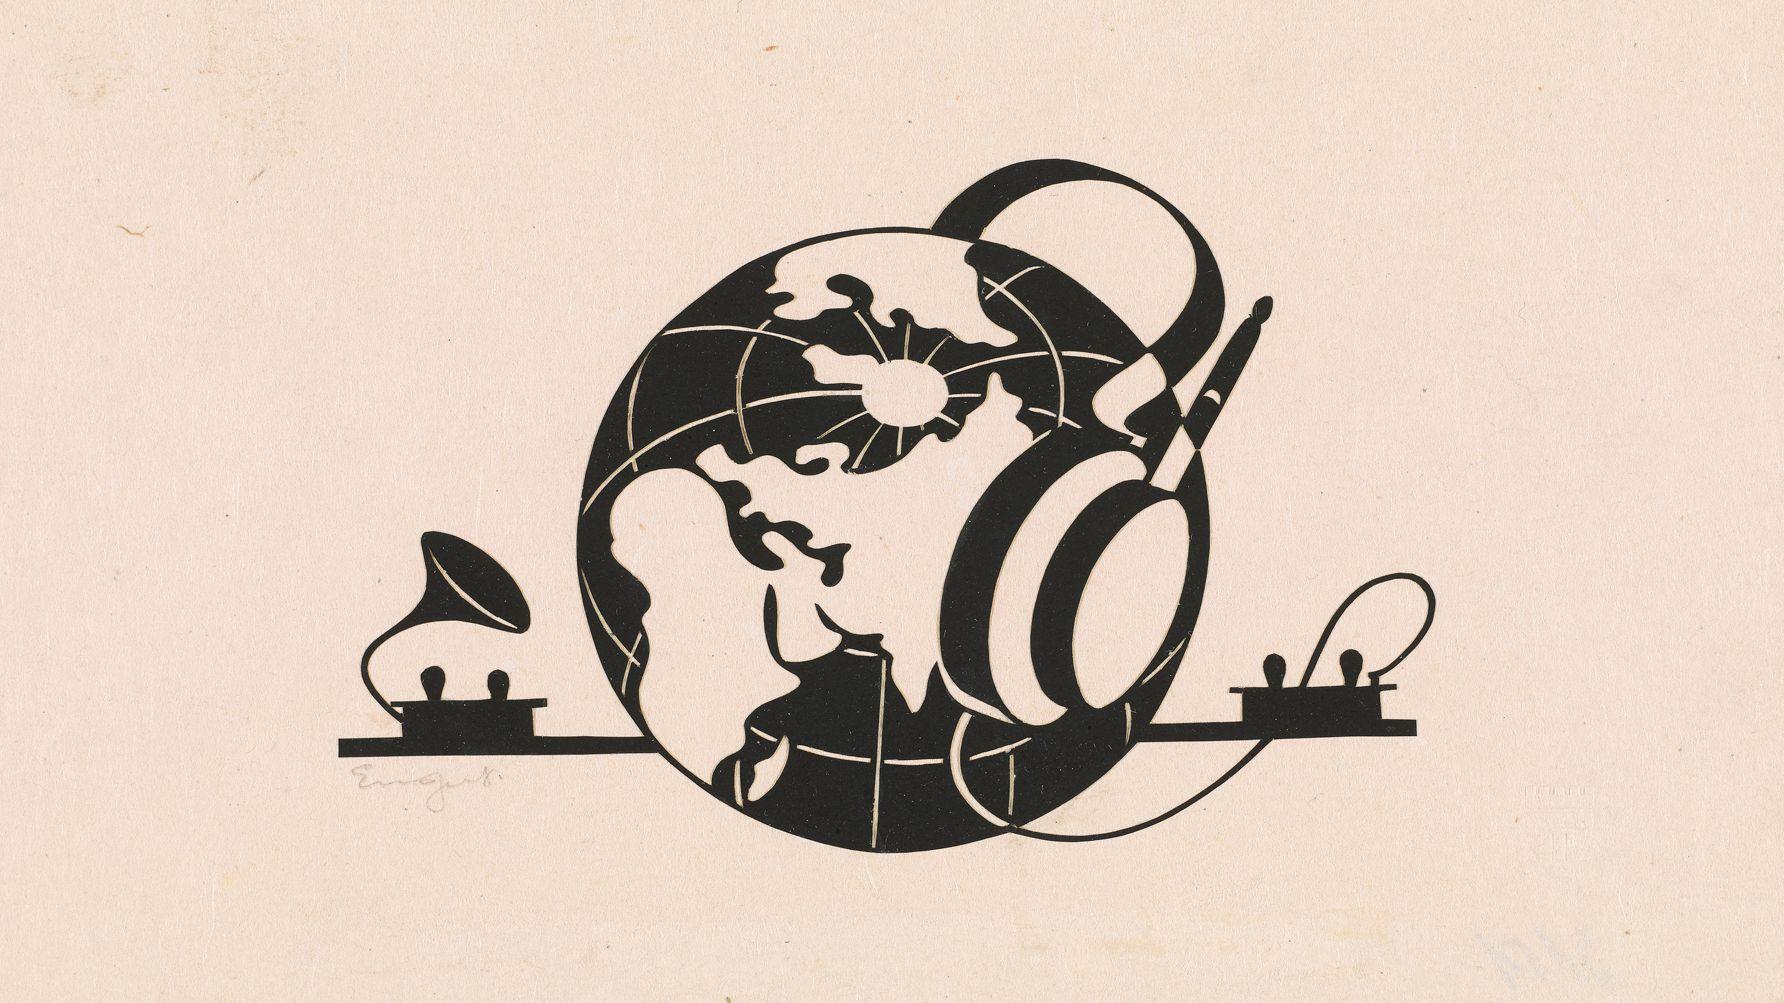 Zeichnung einer Weltkugel die Kopfhörer trägt und ist mit einem grammophonartigen Aparat verbunden.